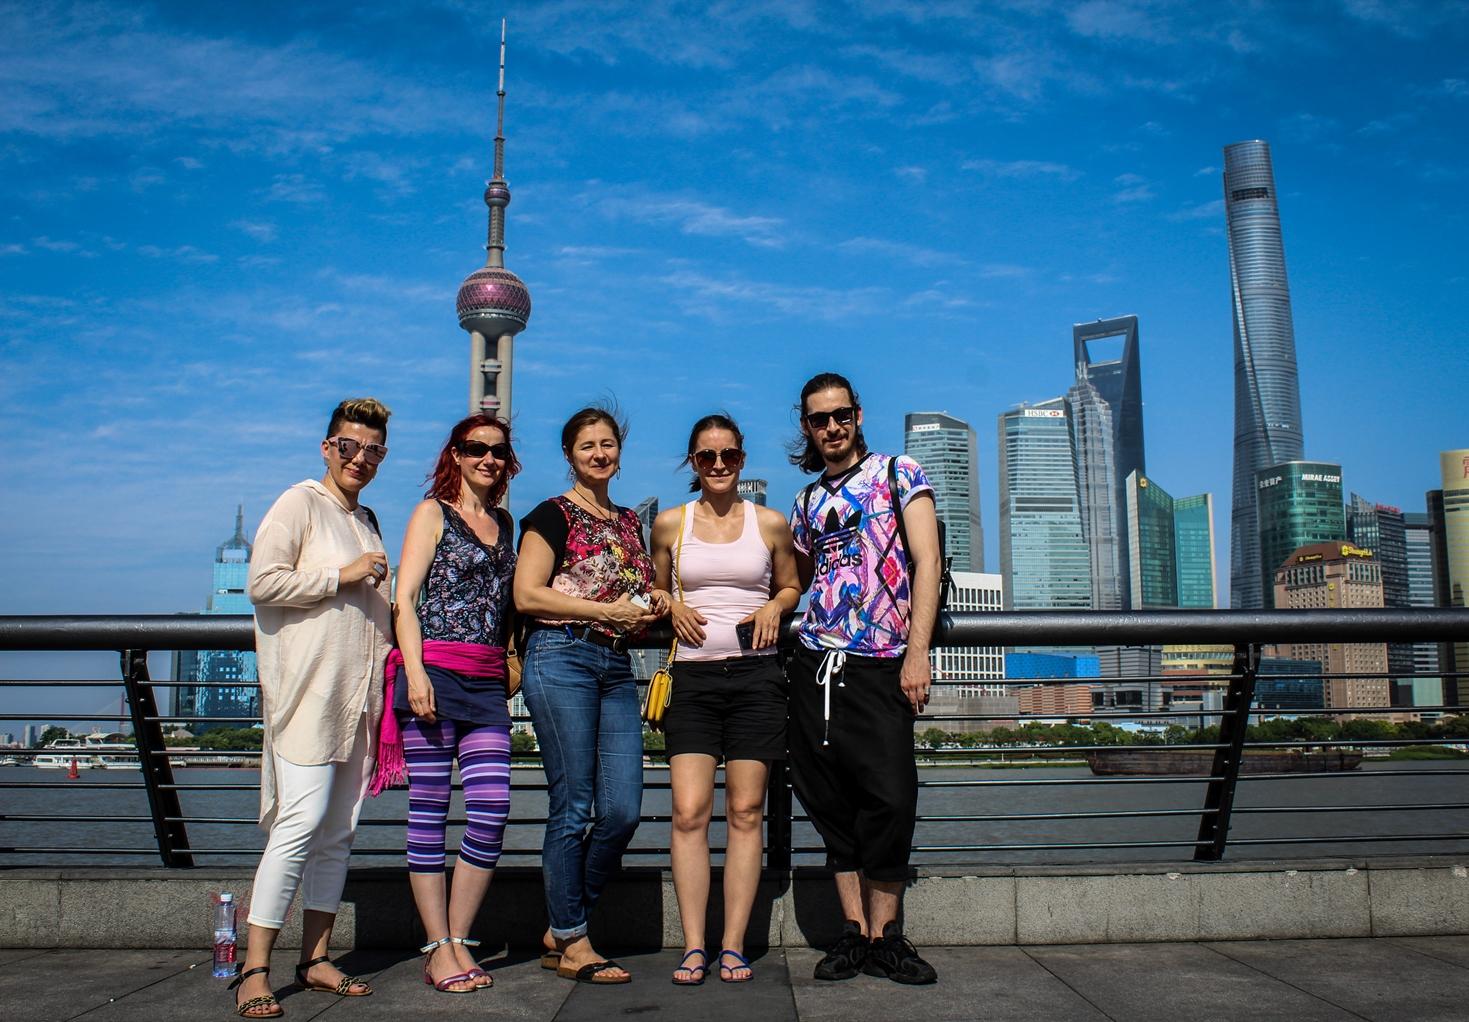 WAMP design vásár Kínában a BudapestFesten